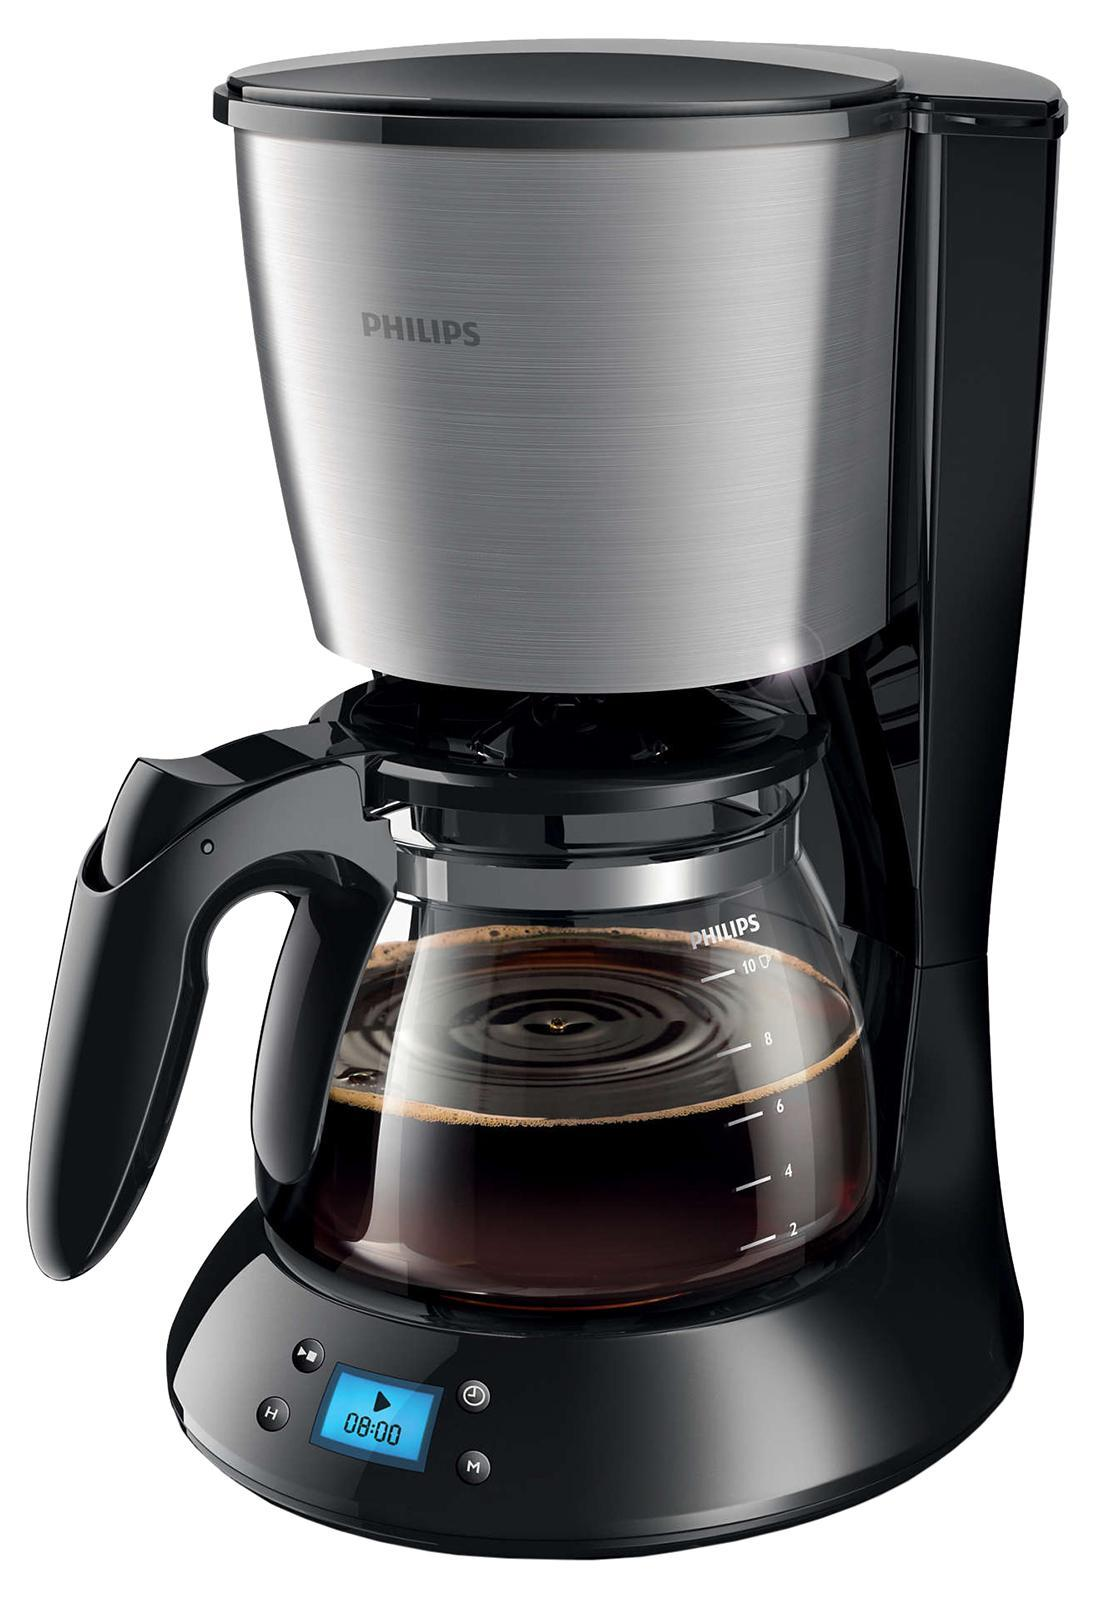 Philips HD7459/20 кофеваркаHD7459/20 Бесподобный аромат свежесваренного кофе по утрам. Кофеварка Philips оснащена встроенным таймером: просто подготовьте прибор, установите время включения и наслаждайтесь ароматом свежесваренного кофе по утрам. Система капля-стоп позволяет прервать приготовление кофе в любой момент. Система капля-стоп позволяет в любой момент прервать приготовление и налить в чашку ароматный кофе. Удобство очистки: съемные части можно мыть в посудомоечной машине. Для удобной очистки все детали этой кофеварки Philips можно мыть в посудомоечной машине. Автоотключение через 30 минут. Забыли выключить кофемашину? Не беспокойтесь! В целях экономии энергии кофемашина выключится автоматически через 30 минут после приготовления напитка. Функция AromaSwirl для насыщенного аромата кофе. Функция AromaSwirl перемешивает кофе для создания насыщенного вкуса и аромата Инновационный индикатор уровня воды. Чтобы вам было удобно следить за объемом воды в резервуаре, компания Philips разработала инновационный индикатор.Как выбрать кофеварку. Статья OZON Гид